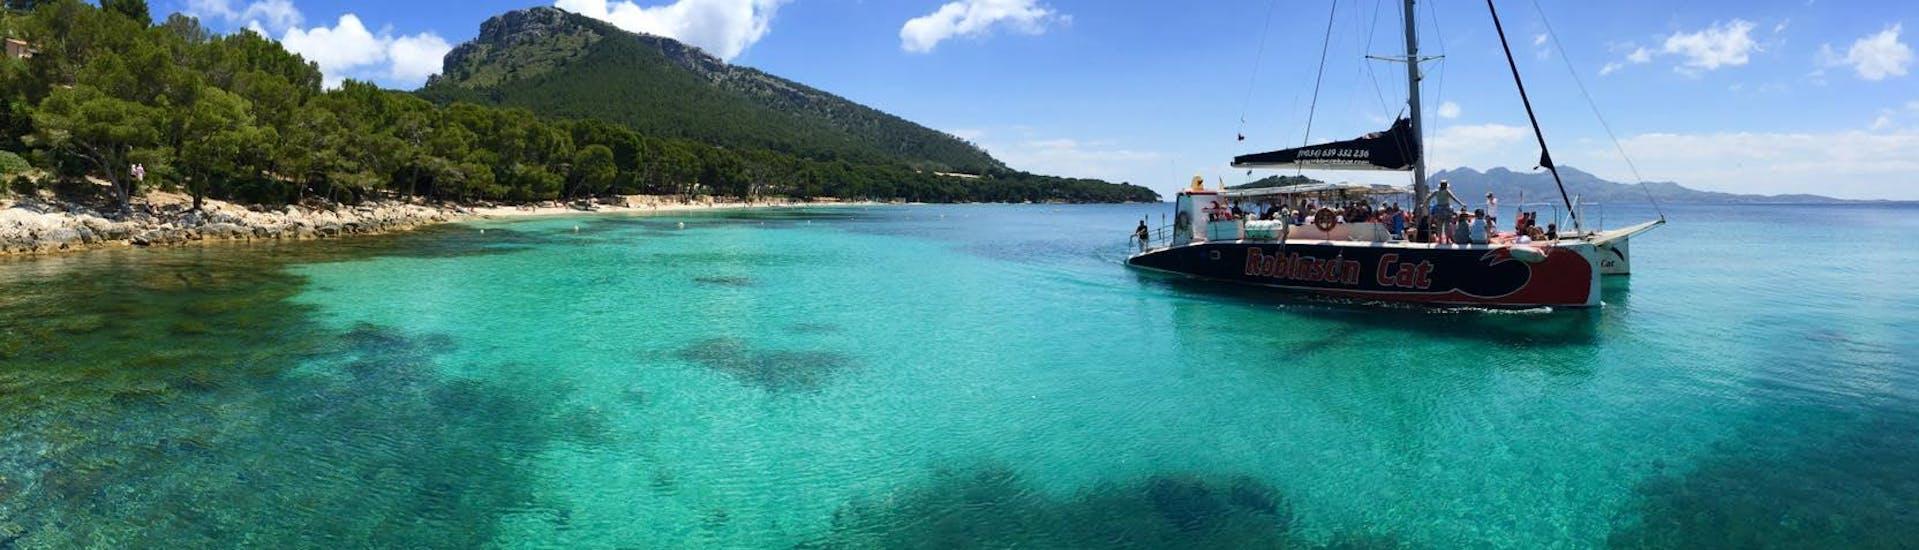 El barco cruza las aguas cristalinas durante el Paseo en Catamarán desde Pollença - Amanecer con Delfines organizado por Robinson Boat Trips.